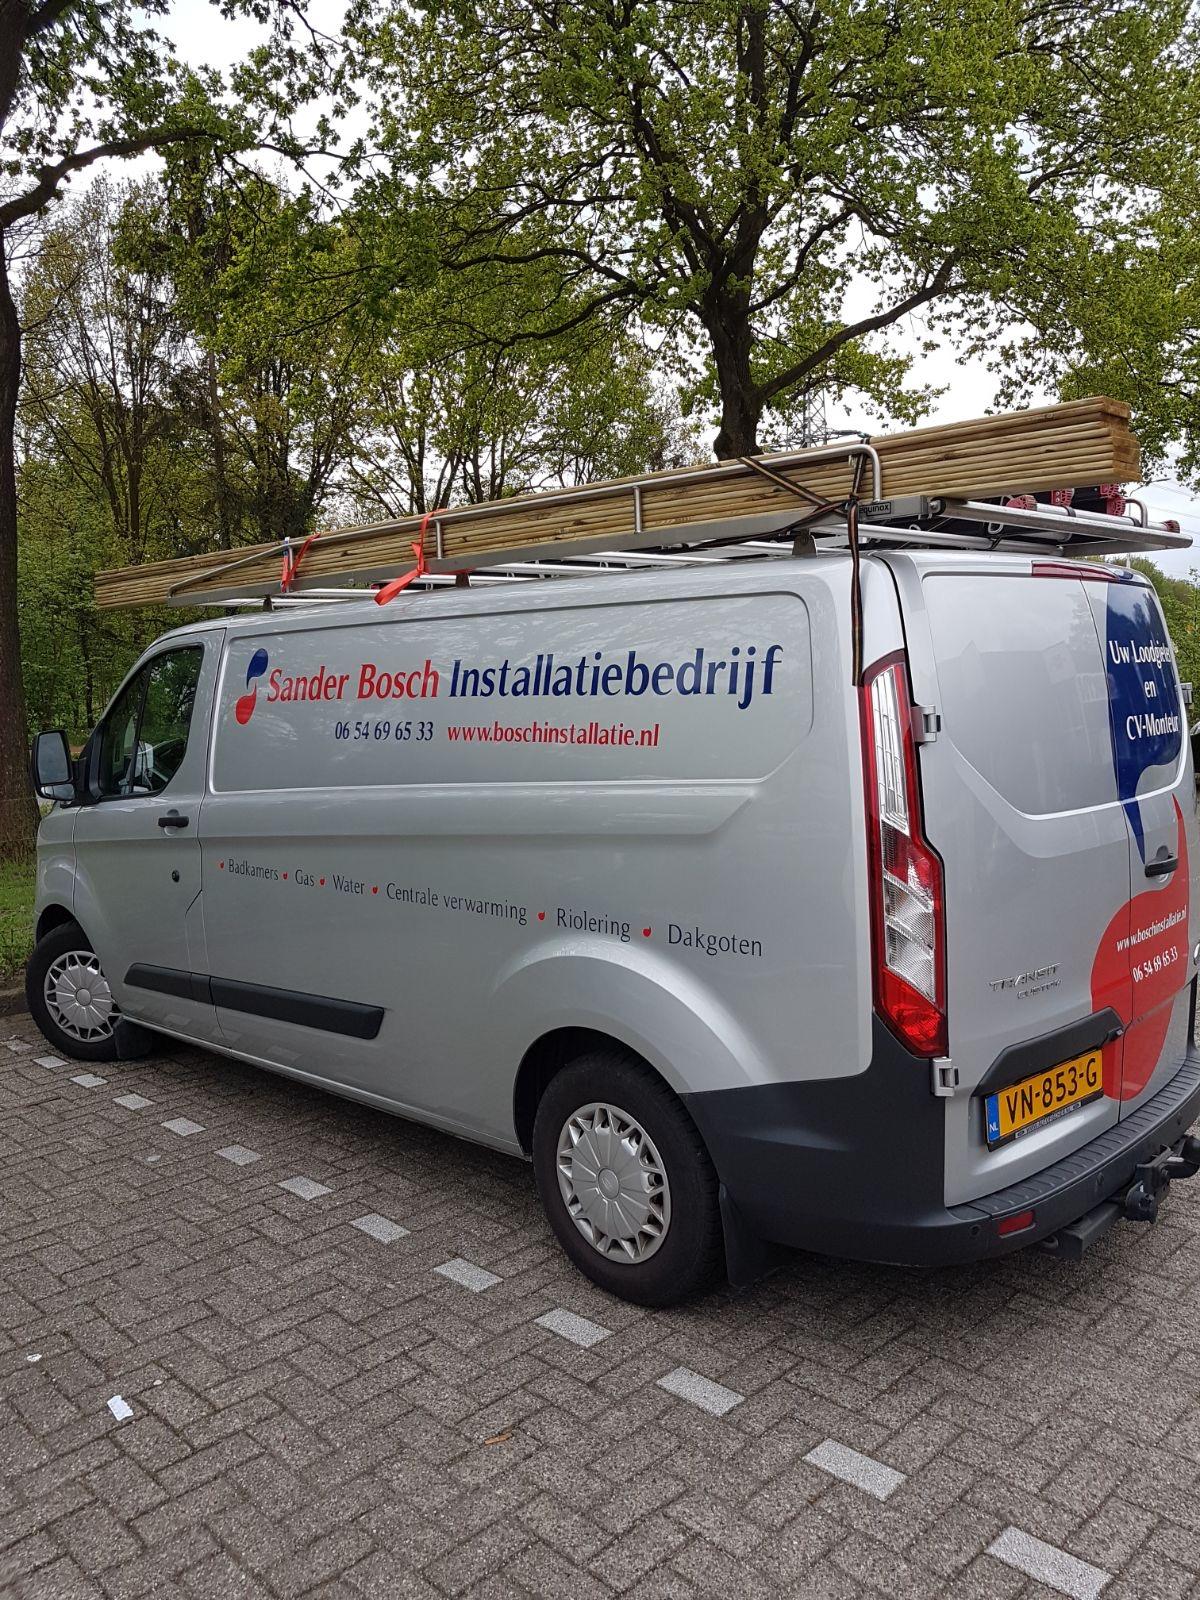 Sander Bosch Installatie